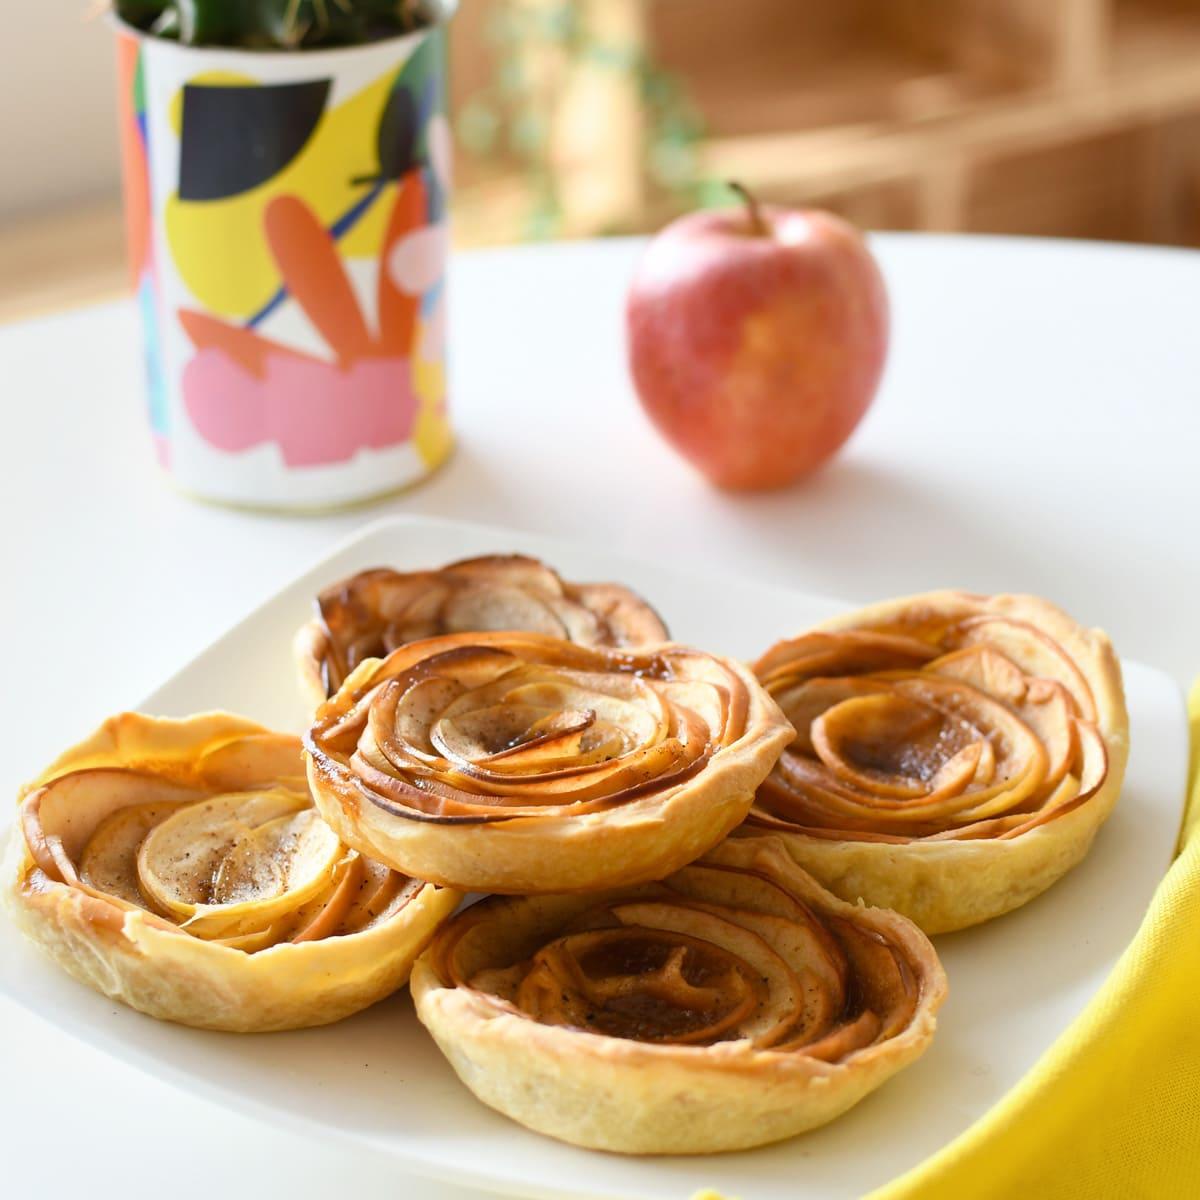 Realizzate facilmente queste deliziose corstatine mele e caramello grazie alla nostra ricetta, un delizioso assaggio di autunno!